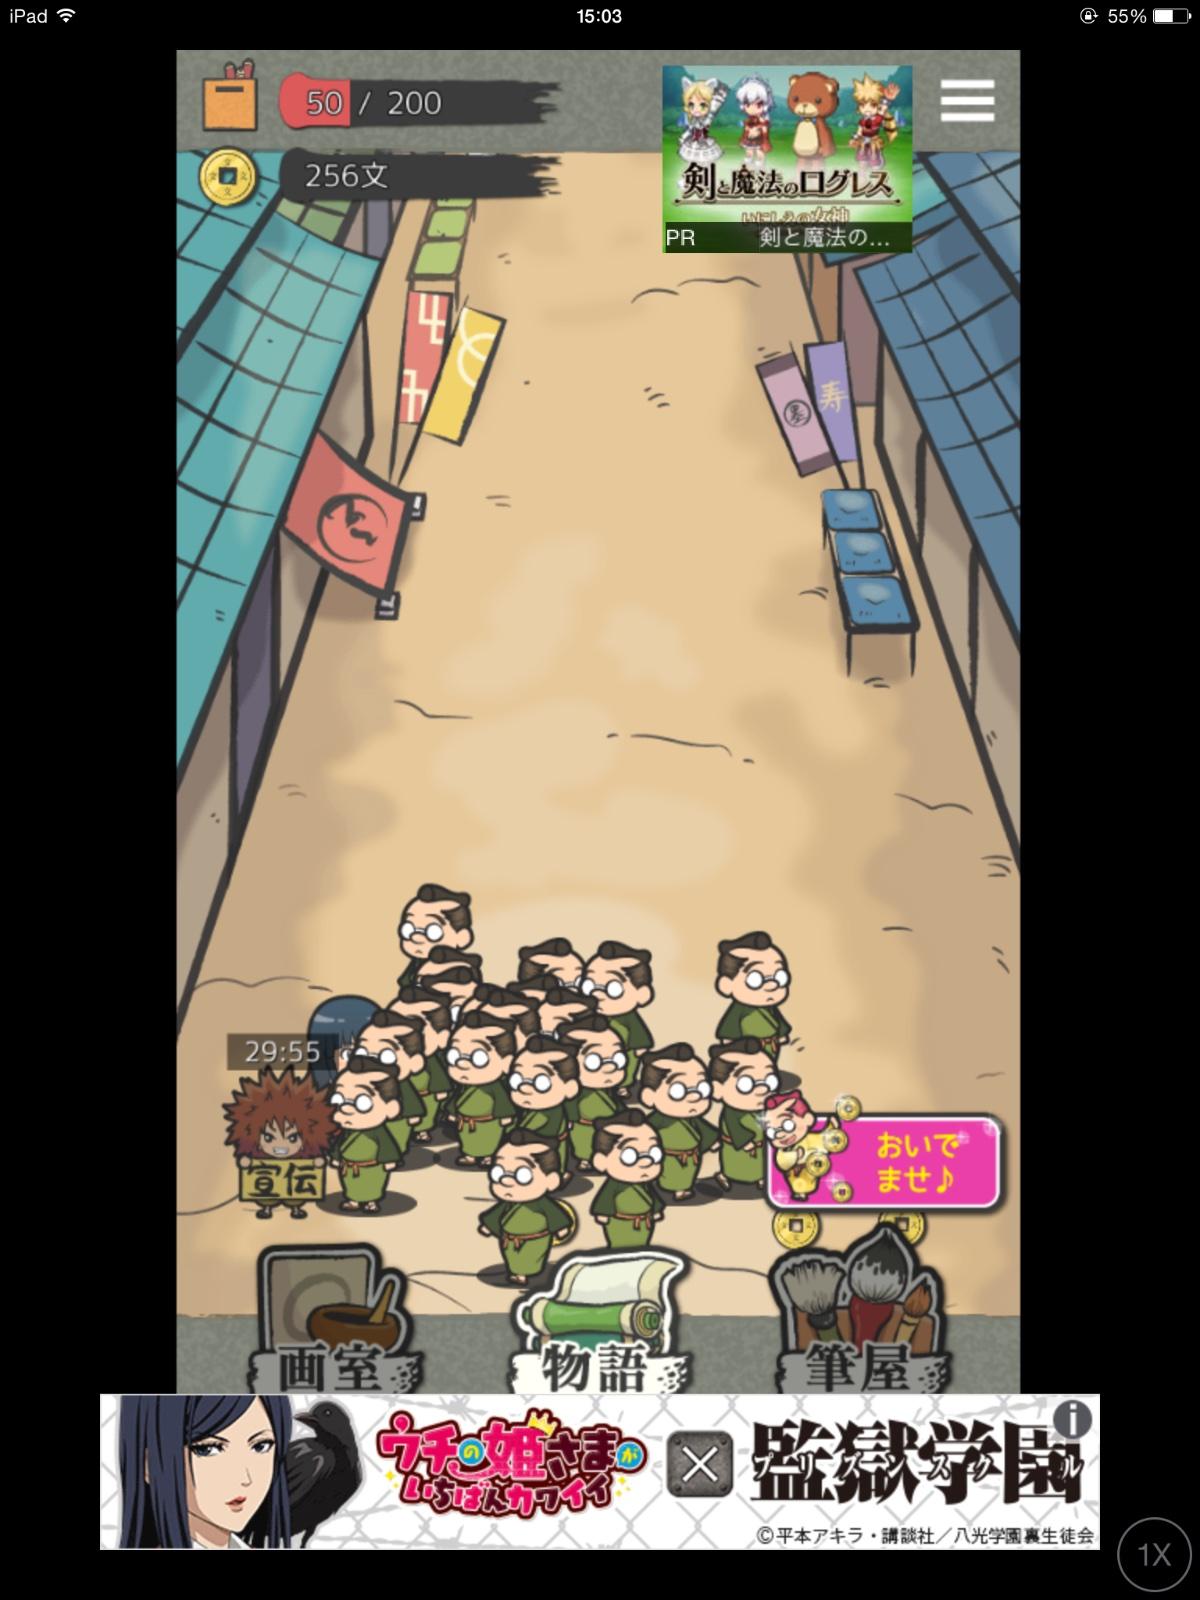 絵師〜命の絵書き物語〜 androidアプリスクリーンショット3